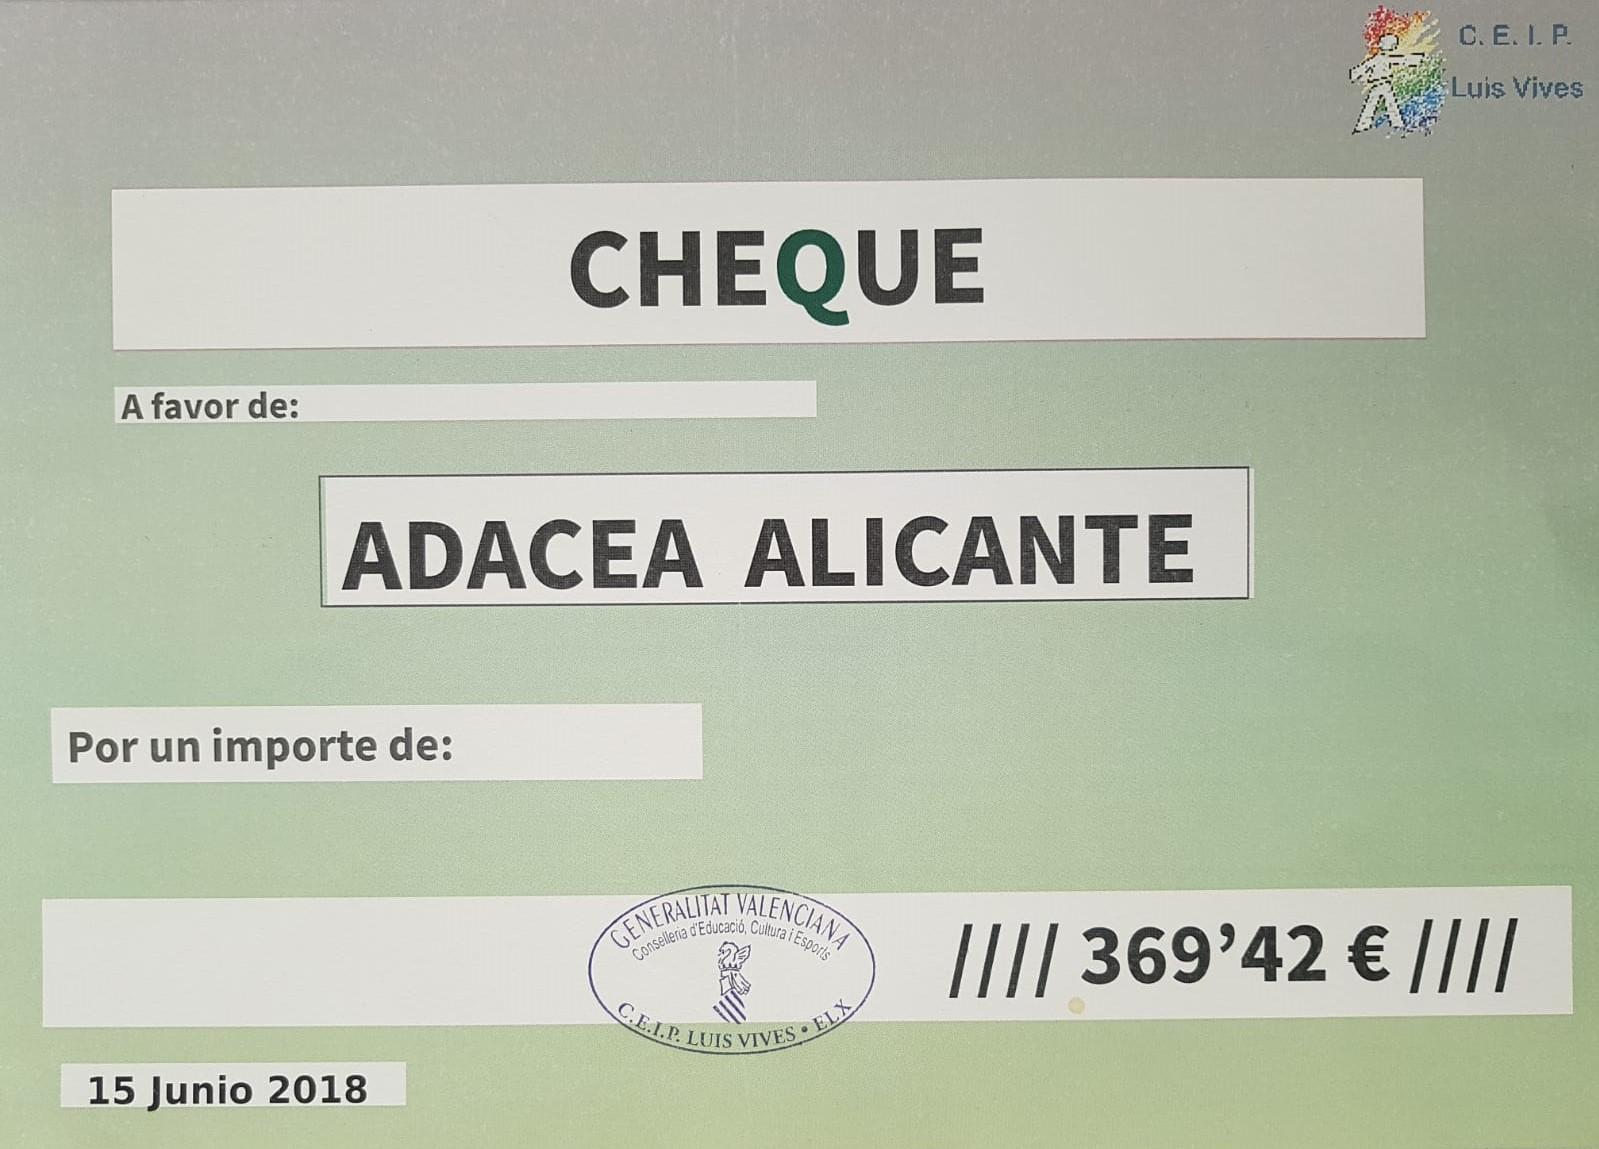 El C.E.I.P. Luis Vives de Elche colabora con ADACEA